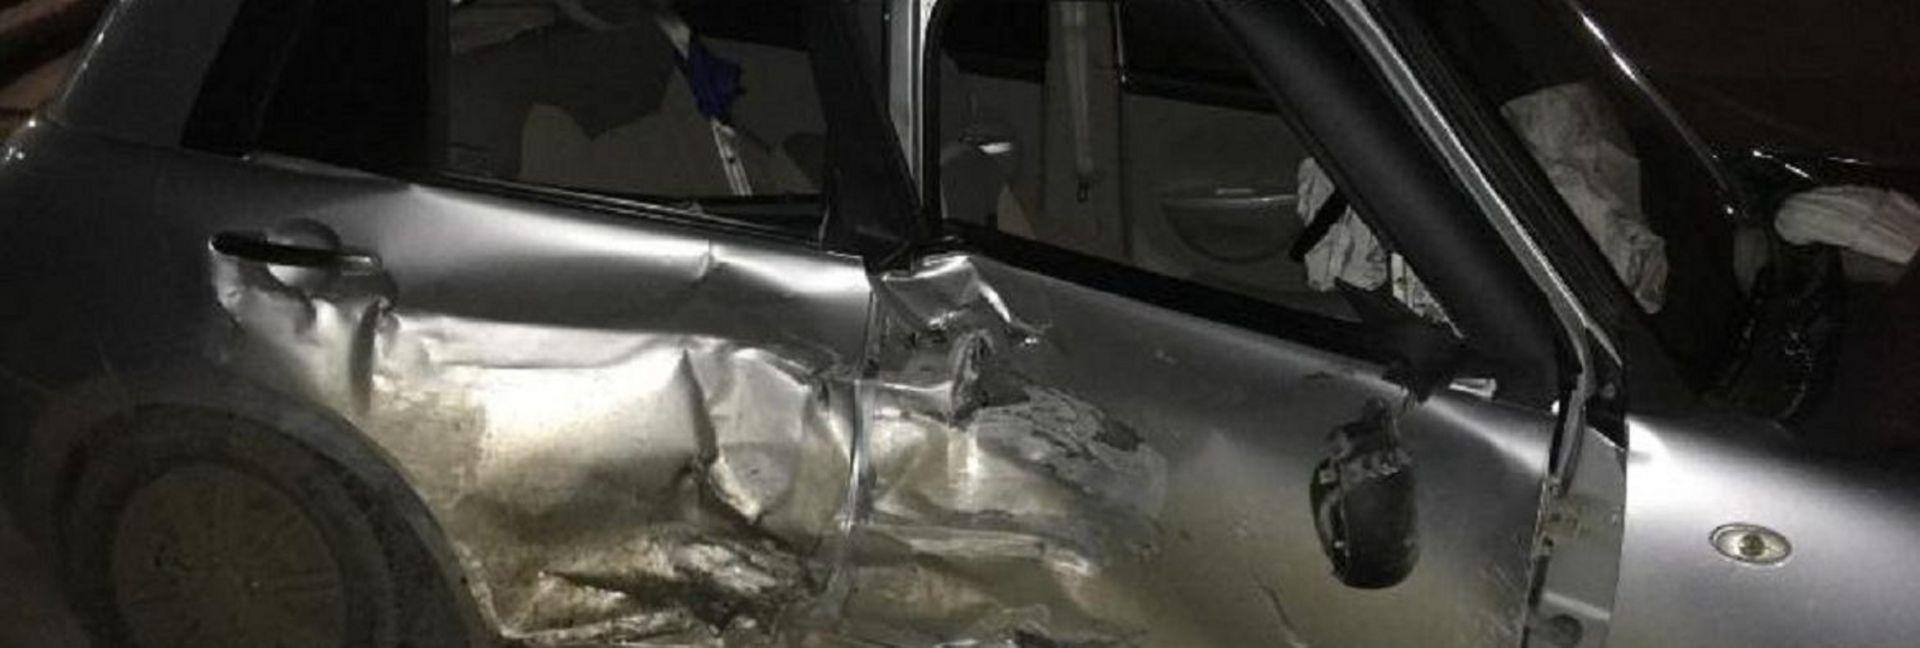 На Ставрополье столкнулись две легковушки, пострадал 11-летний мальчик